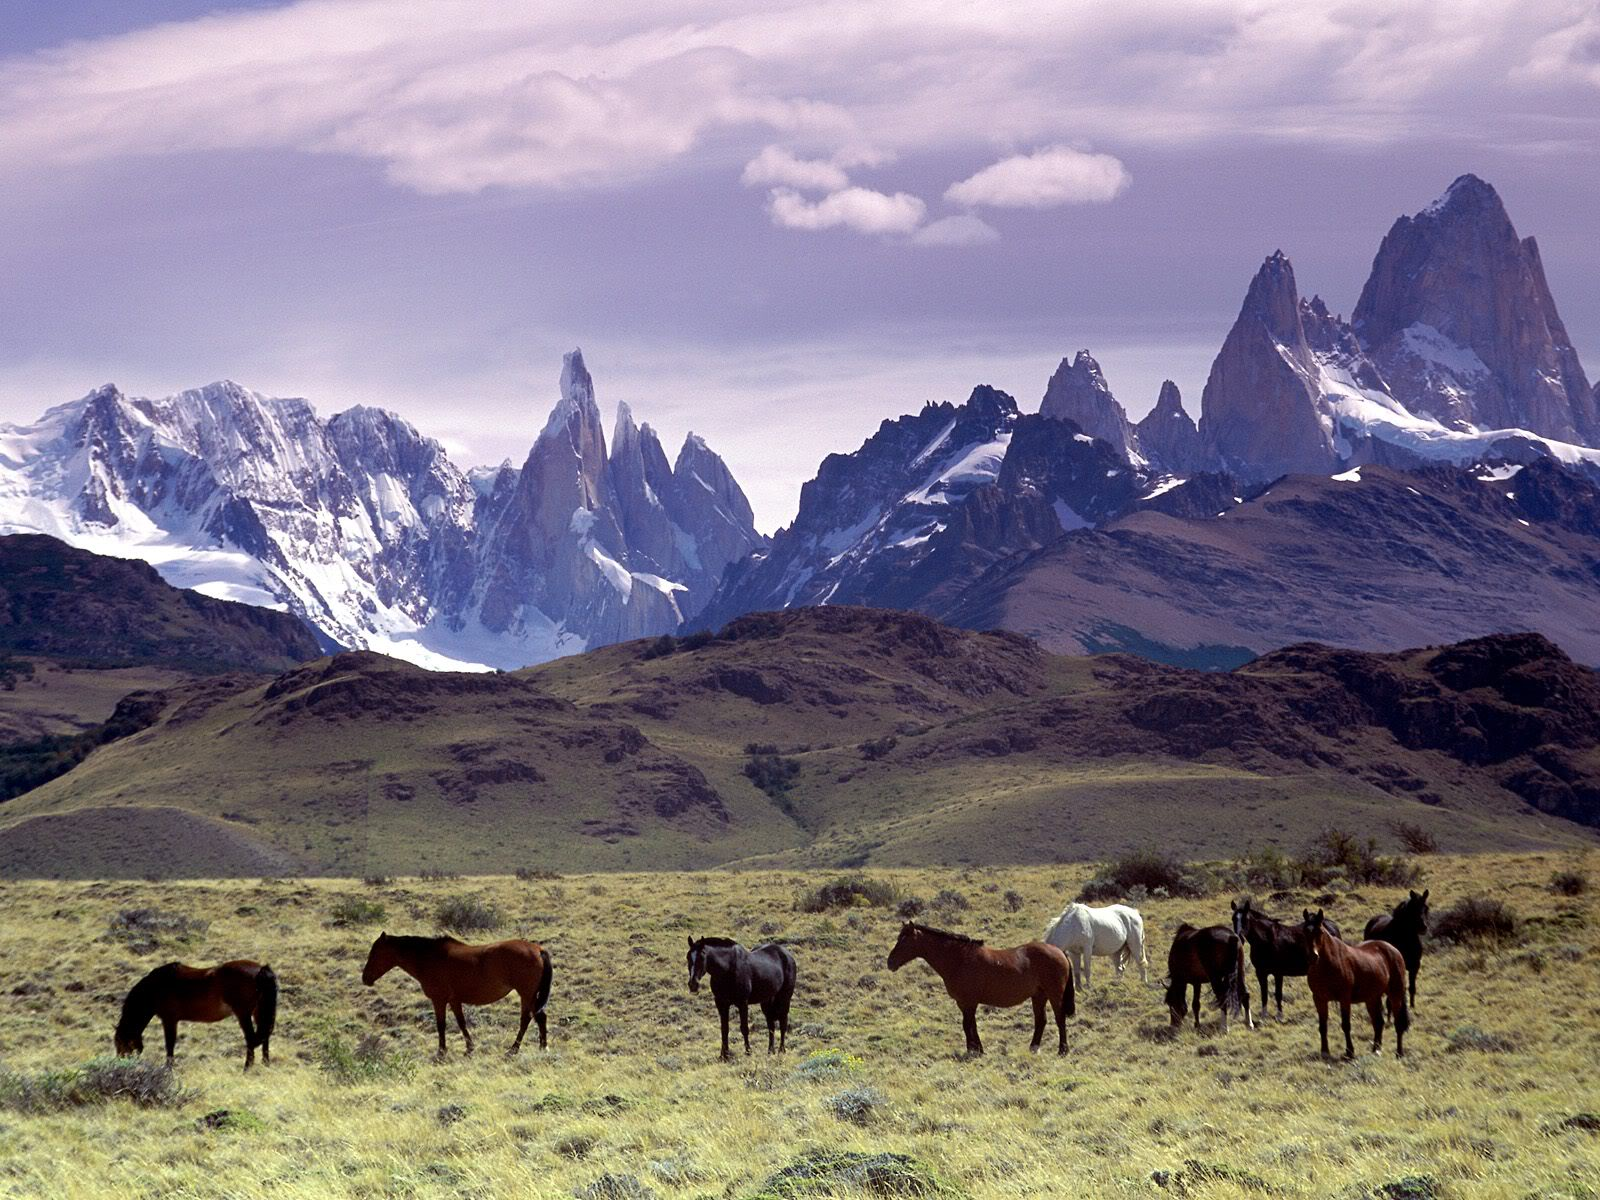 நான் ரசித்த இயற்கை காட்சில் சில உங்களுக்காக....2 - Page 19 AndesMountainsPatagoniaArgentina